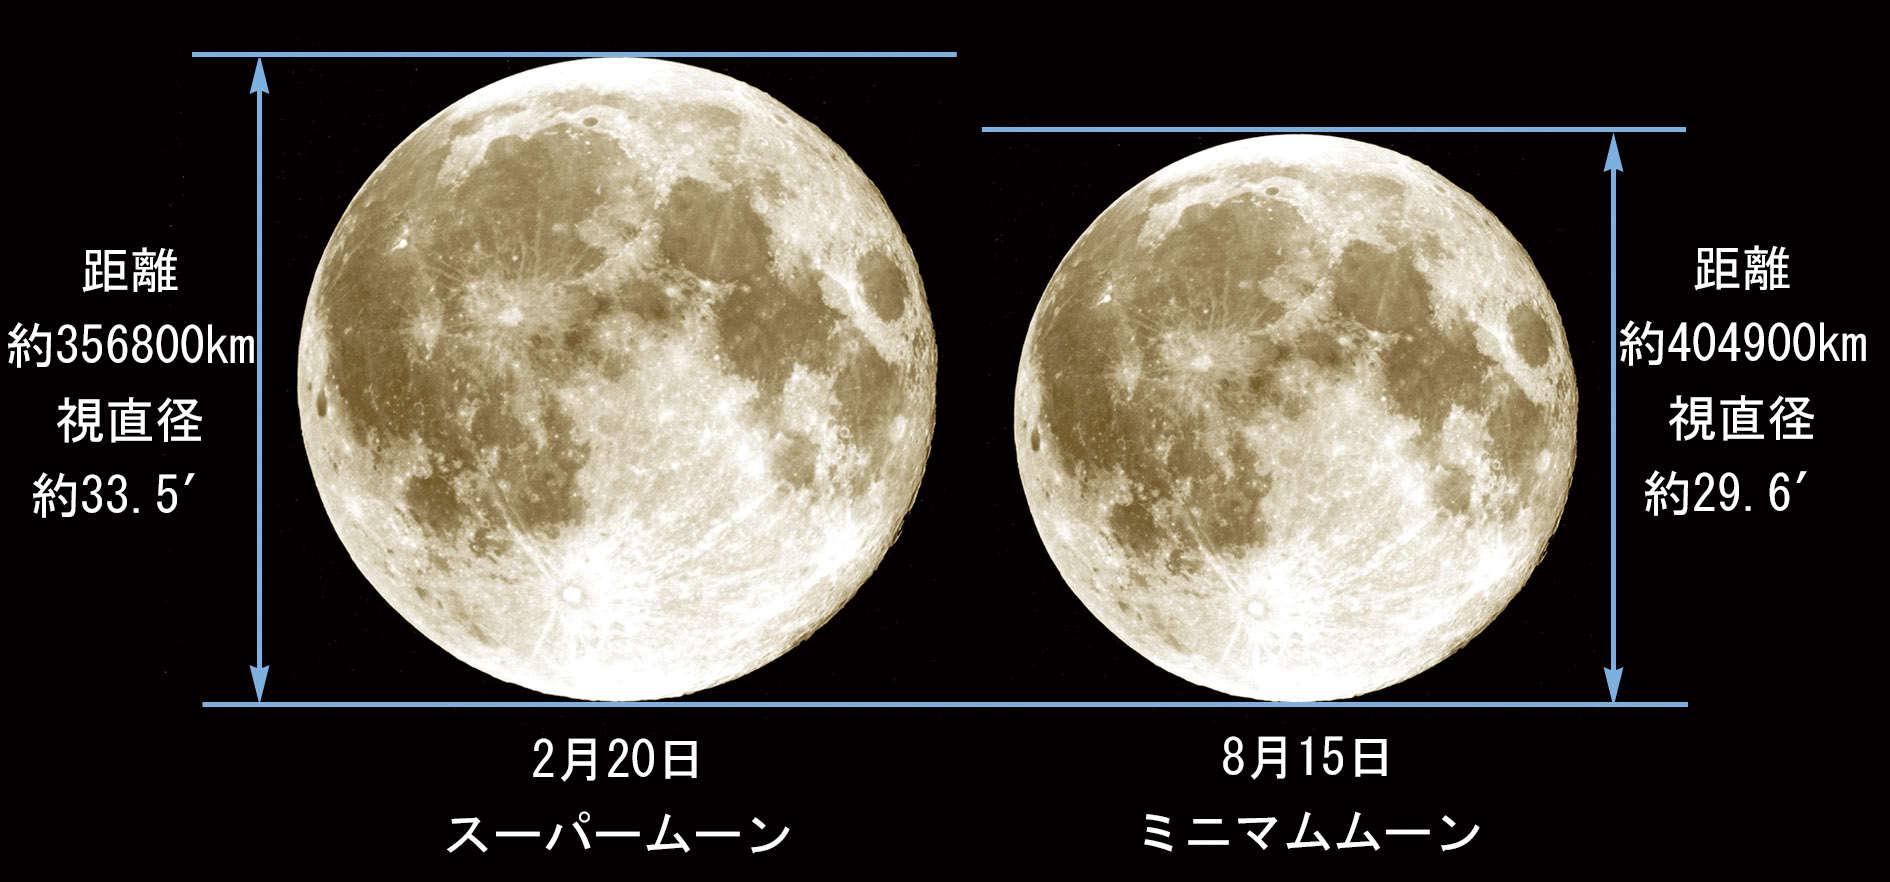 の 直径 月